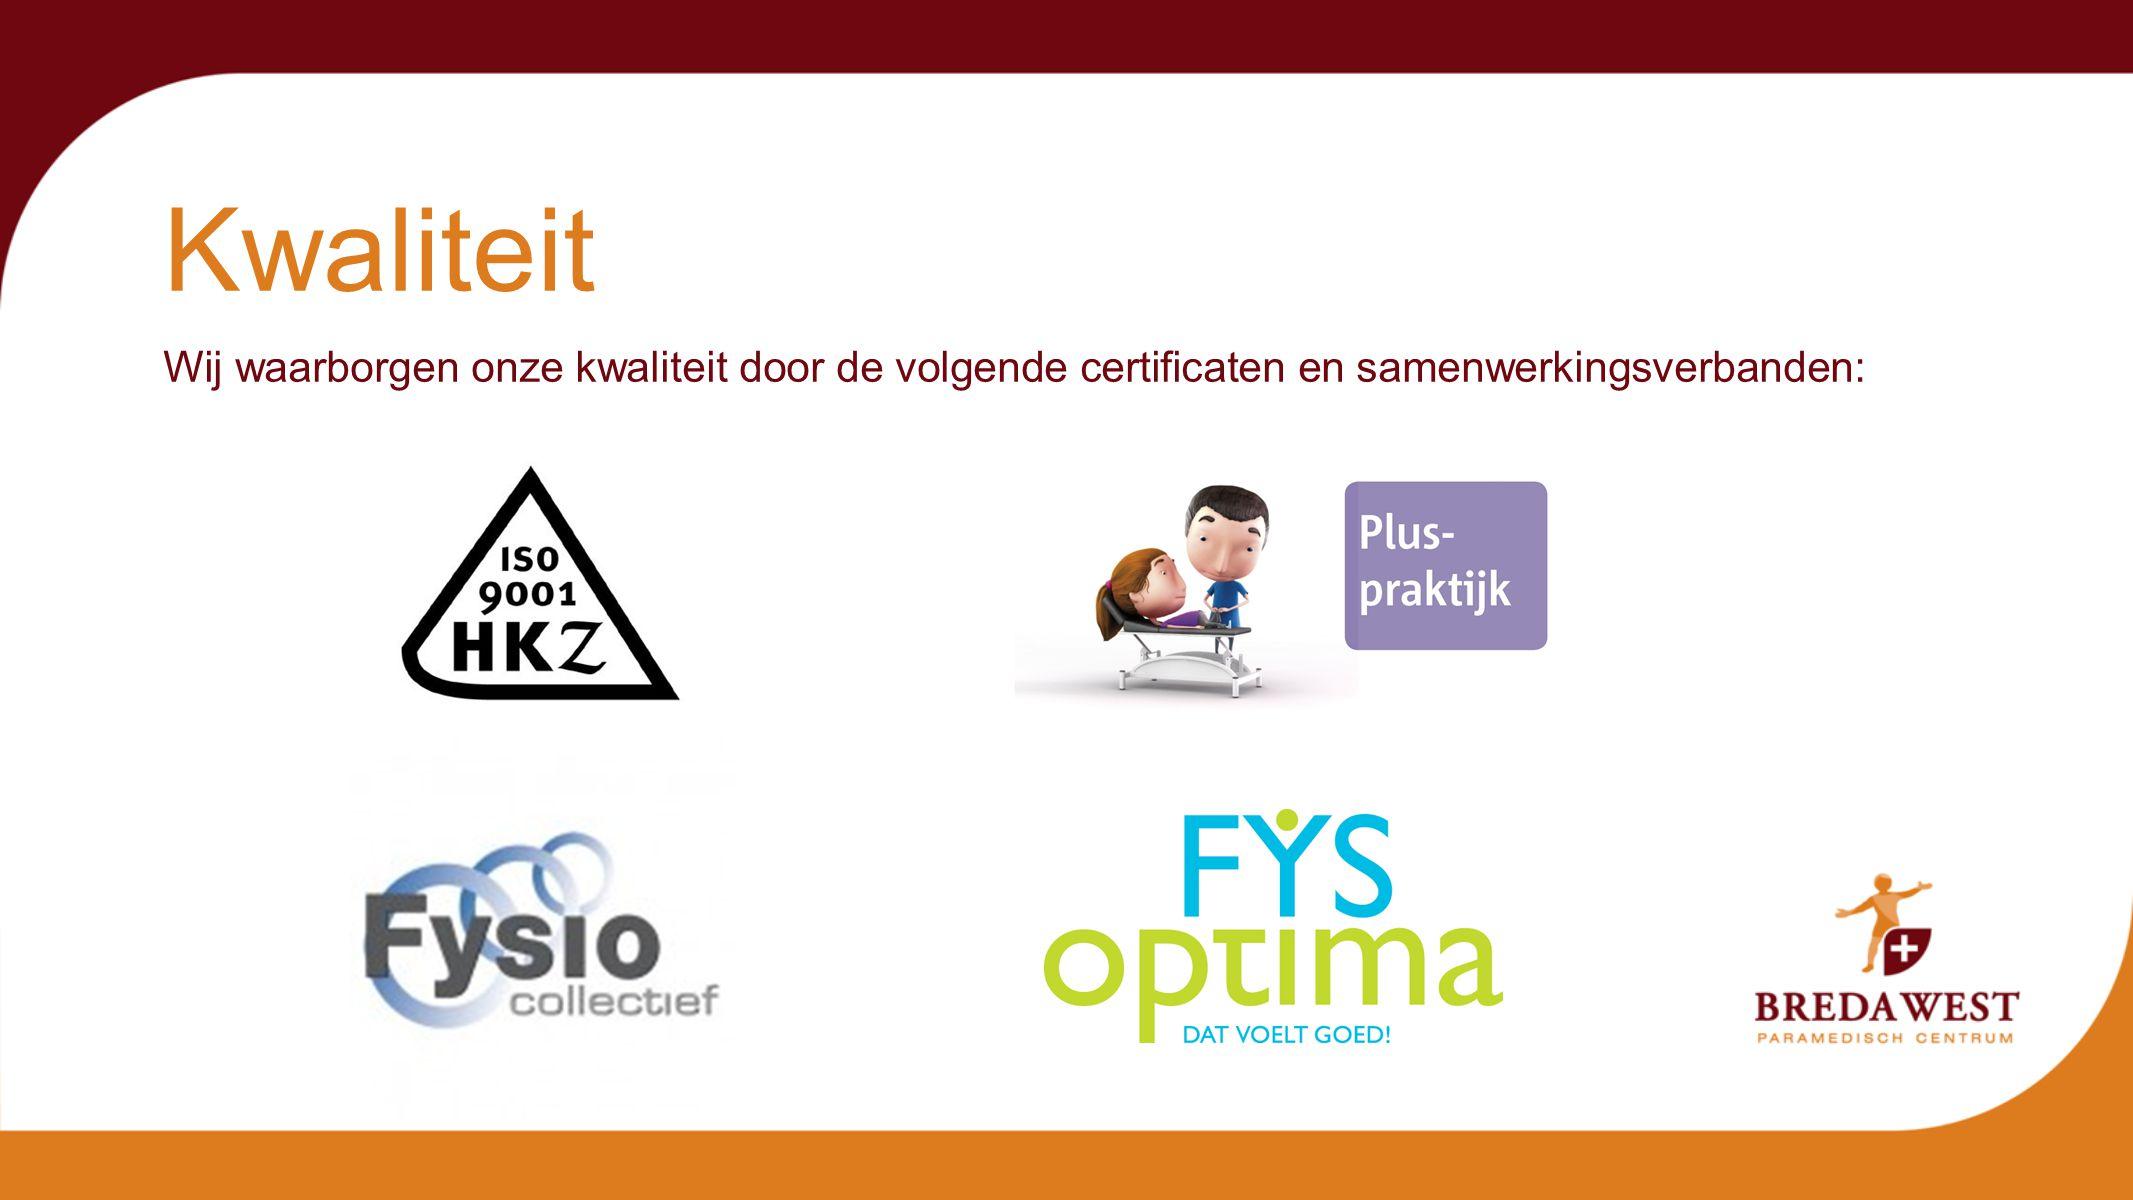 Kwaliteit Wij waarborgen onze kwaliteit door de volgende certificaten en samenwerkingsverbanden: